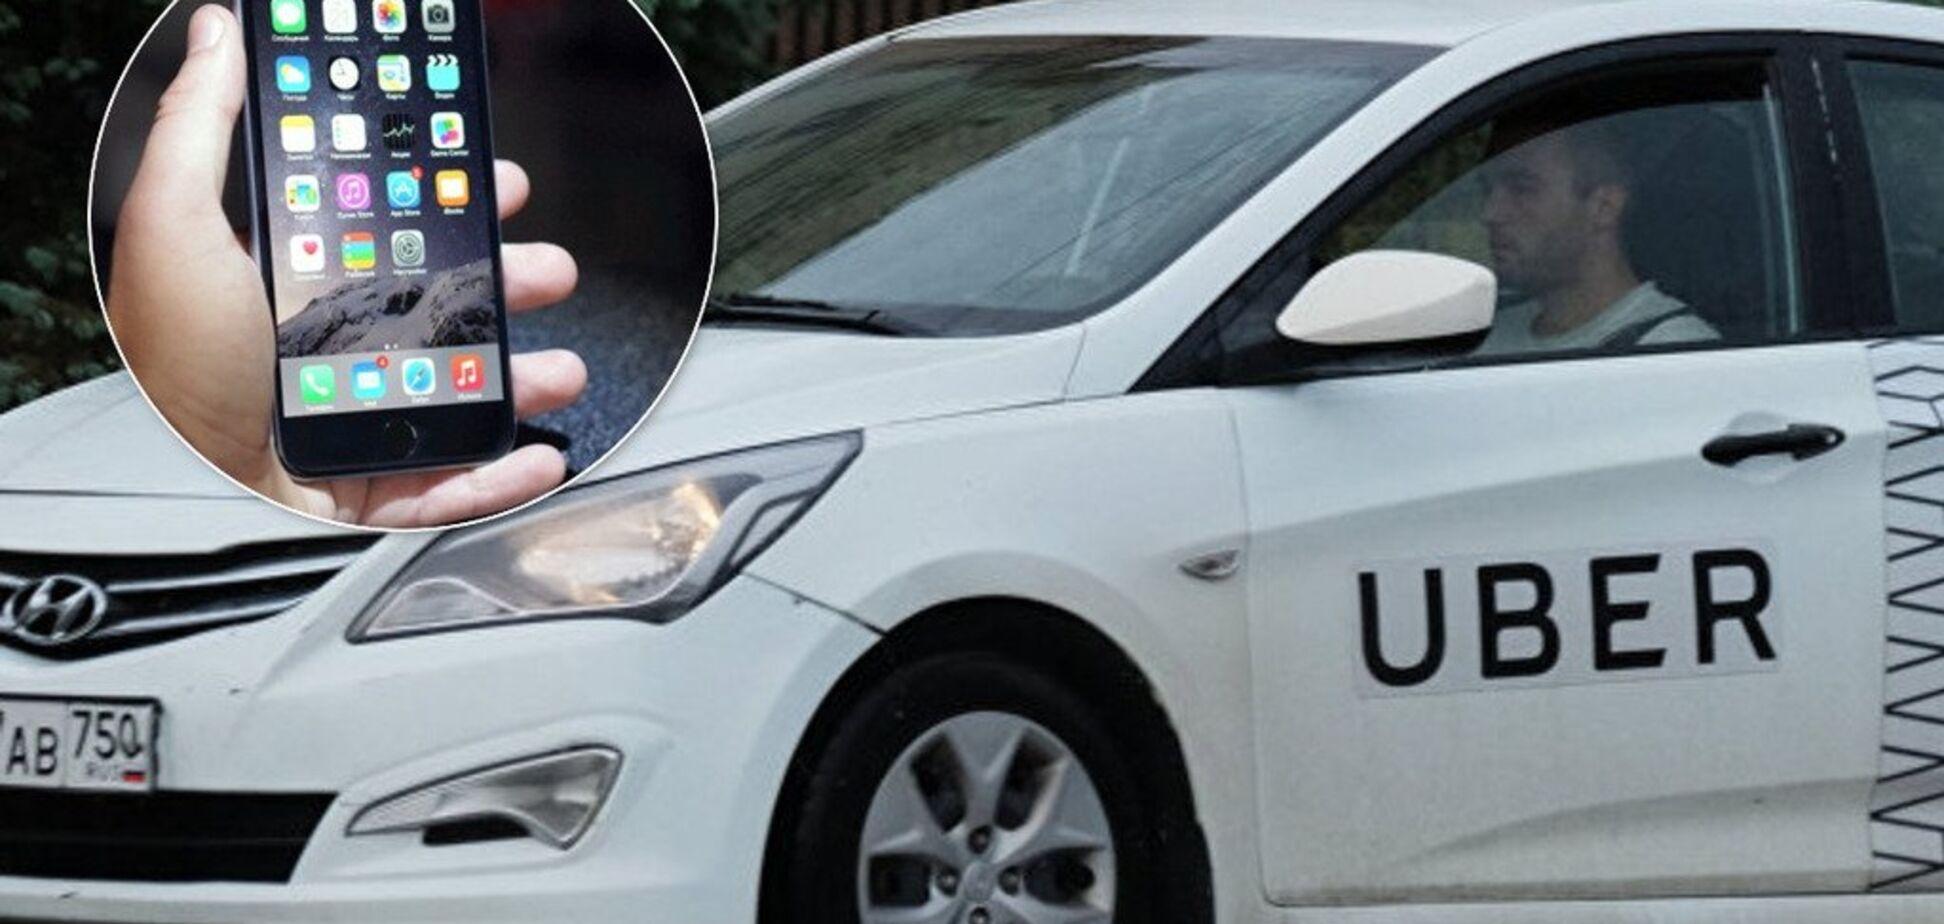 Киевлянин нашел забытый в такси айфон на OLX: подробности необычной 'спецоперации'